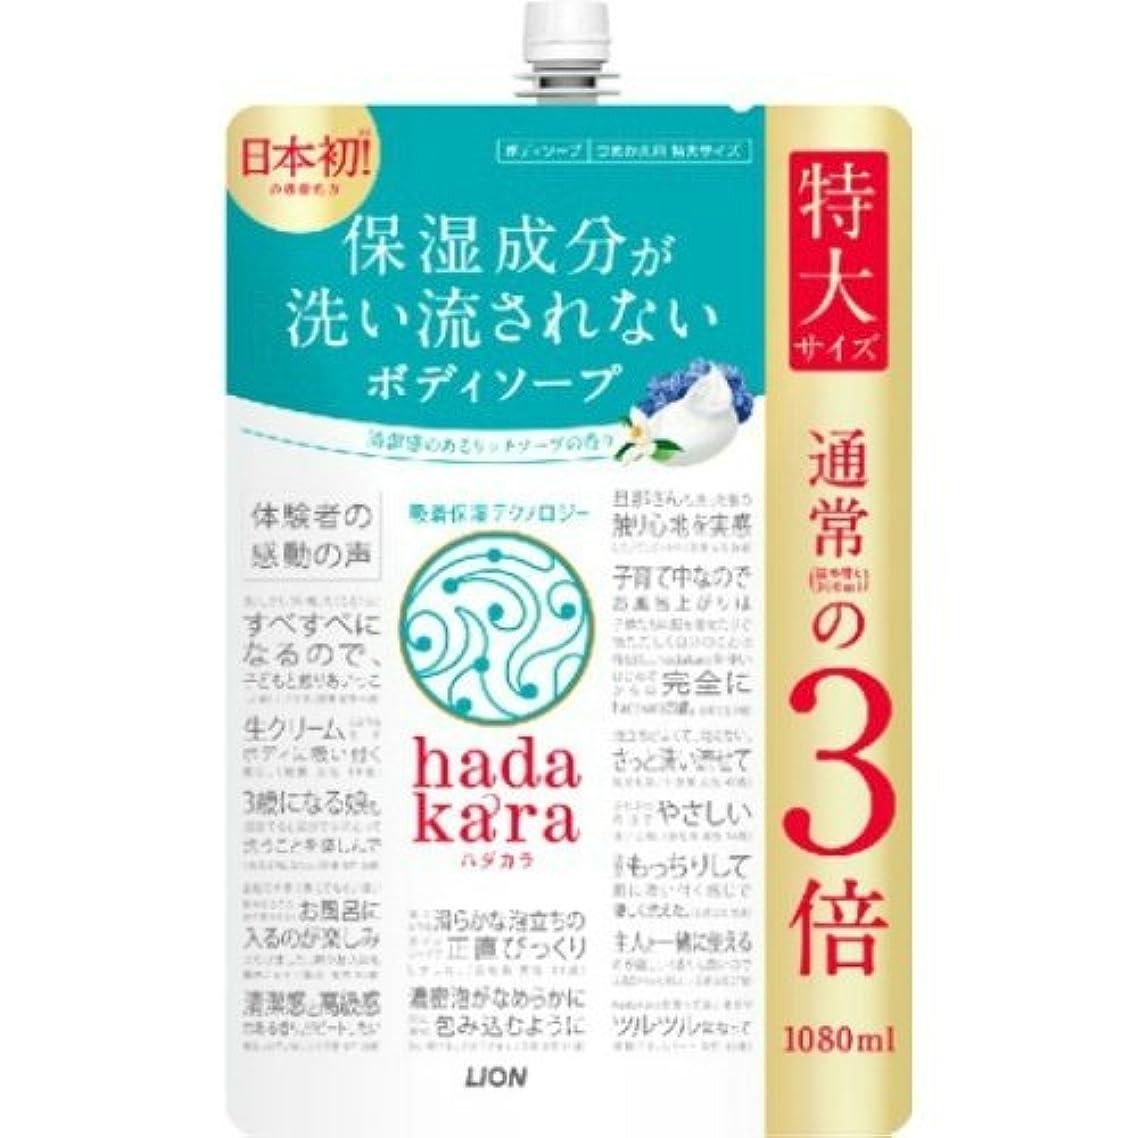 合わせて理論的クランプLION ライオン hadakara ハダカラ ボディソープ リッチソープの香り つめかえ用 特大サイズ 1080ml ×006点セット(4903301260882)